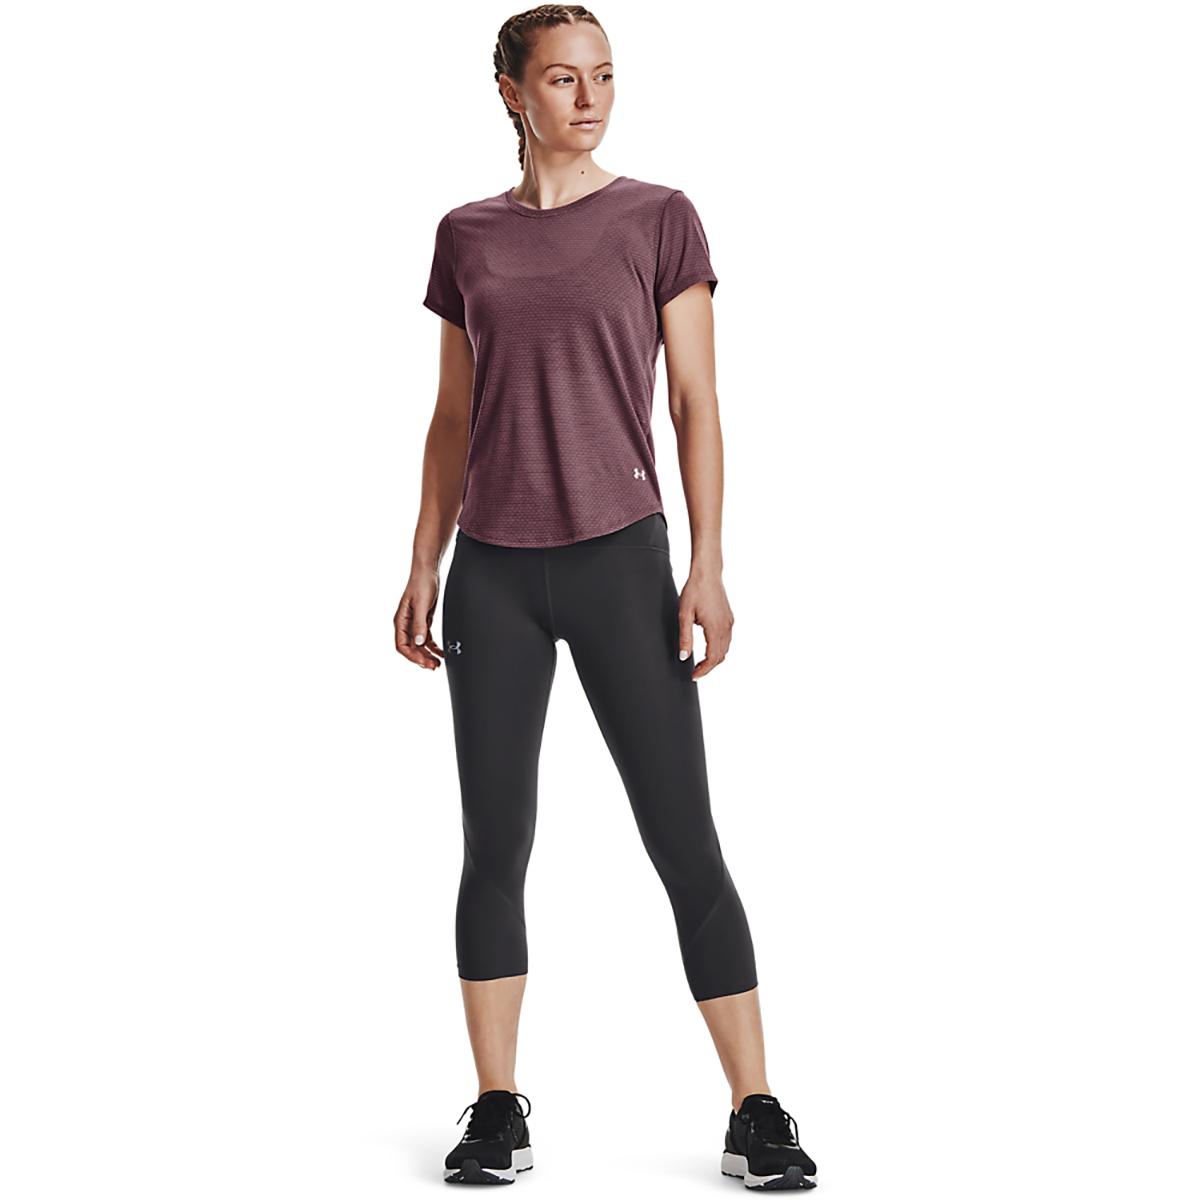 Women's Under Armour Streaker Short Sleeve Top - Color: Ash Plum/Ash Plum/Reflective - Size: XS, Ash Plum/Ash Plum/Reflective, large, image 3